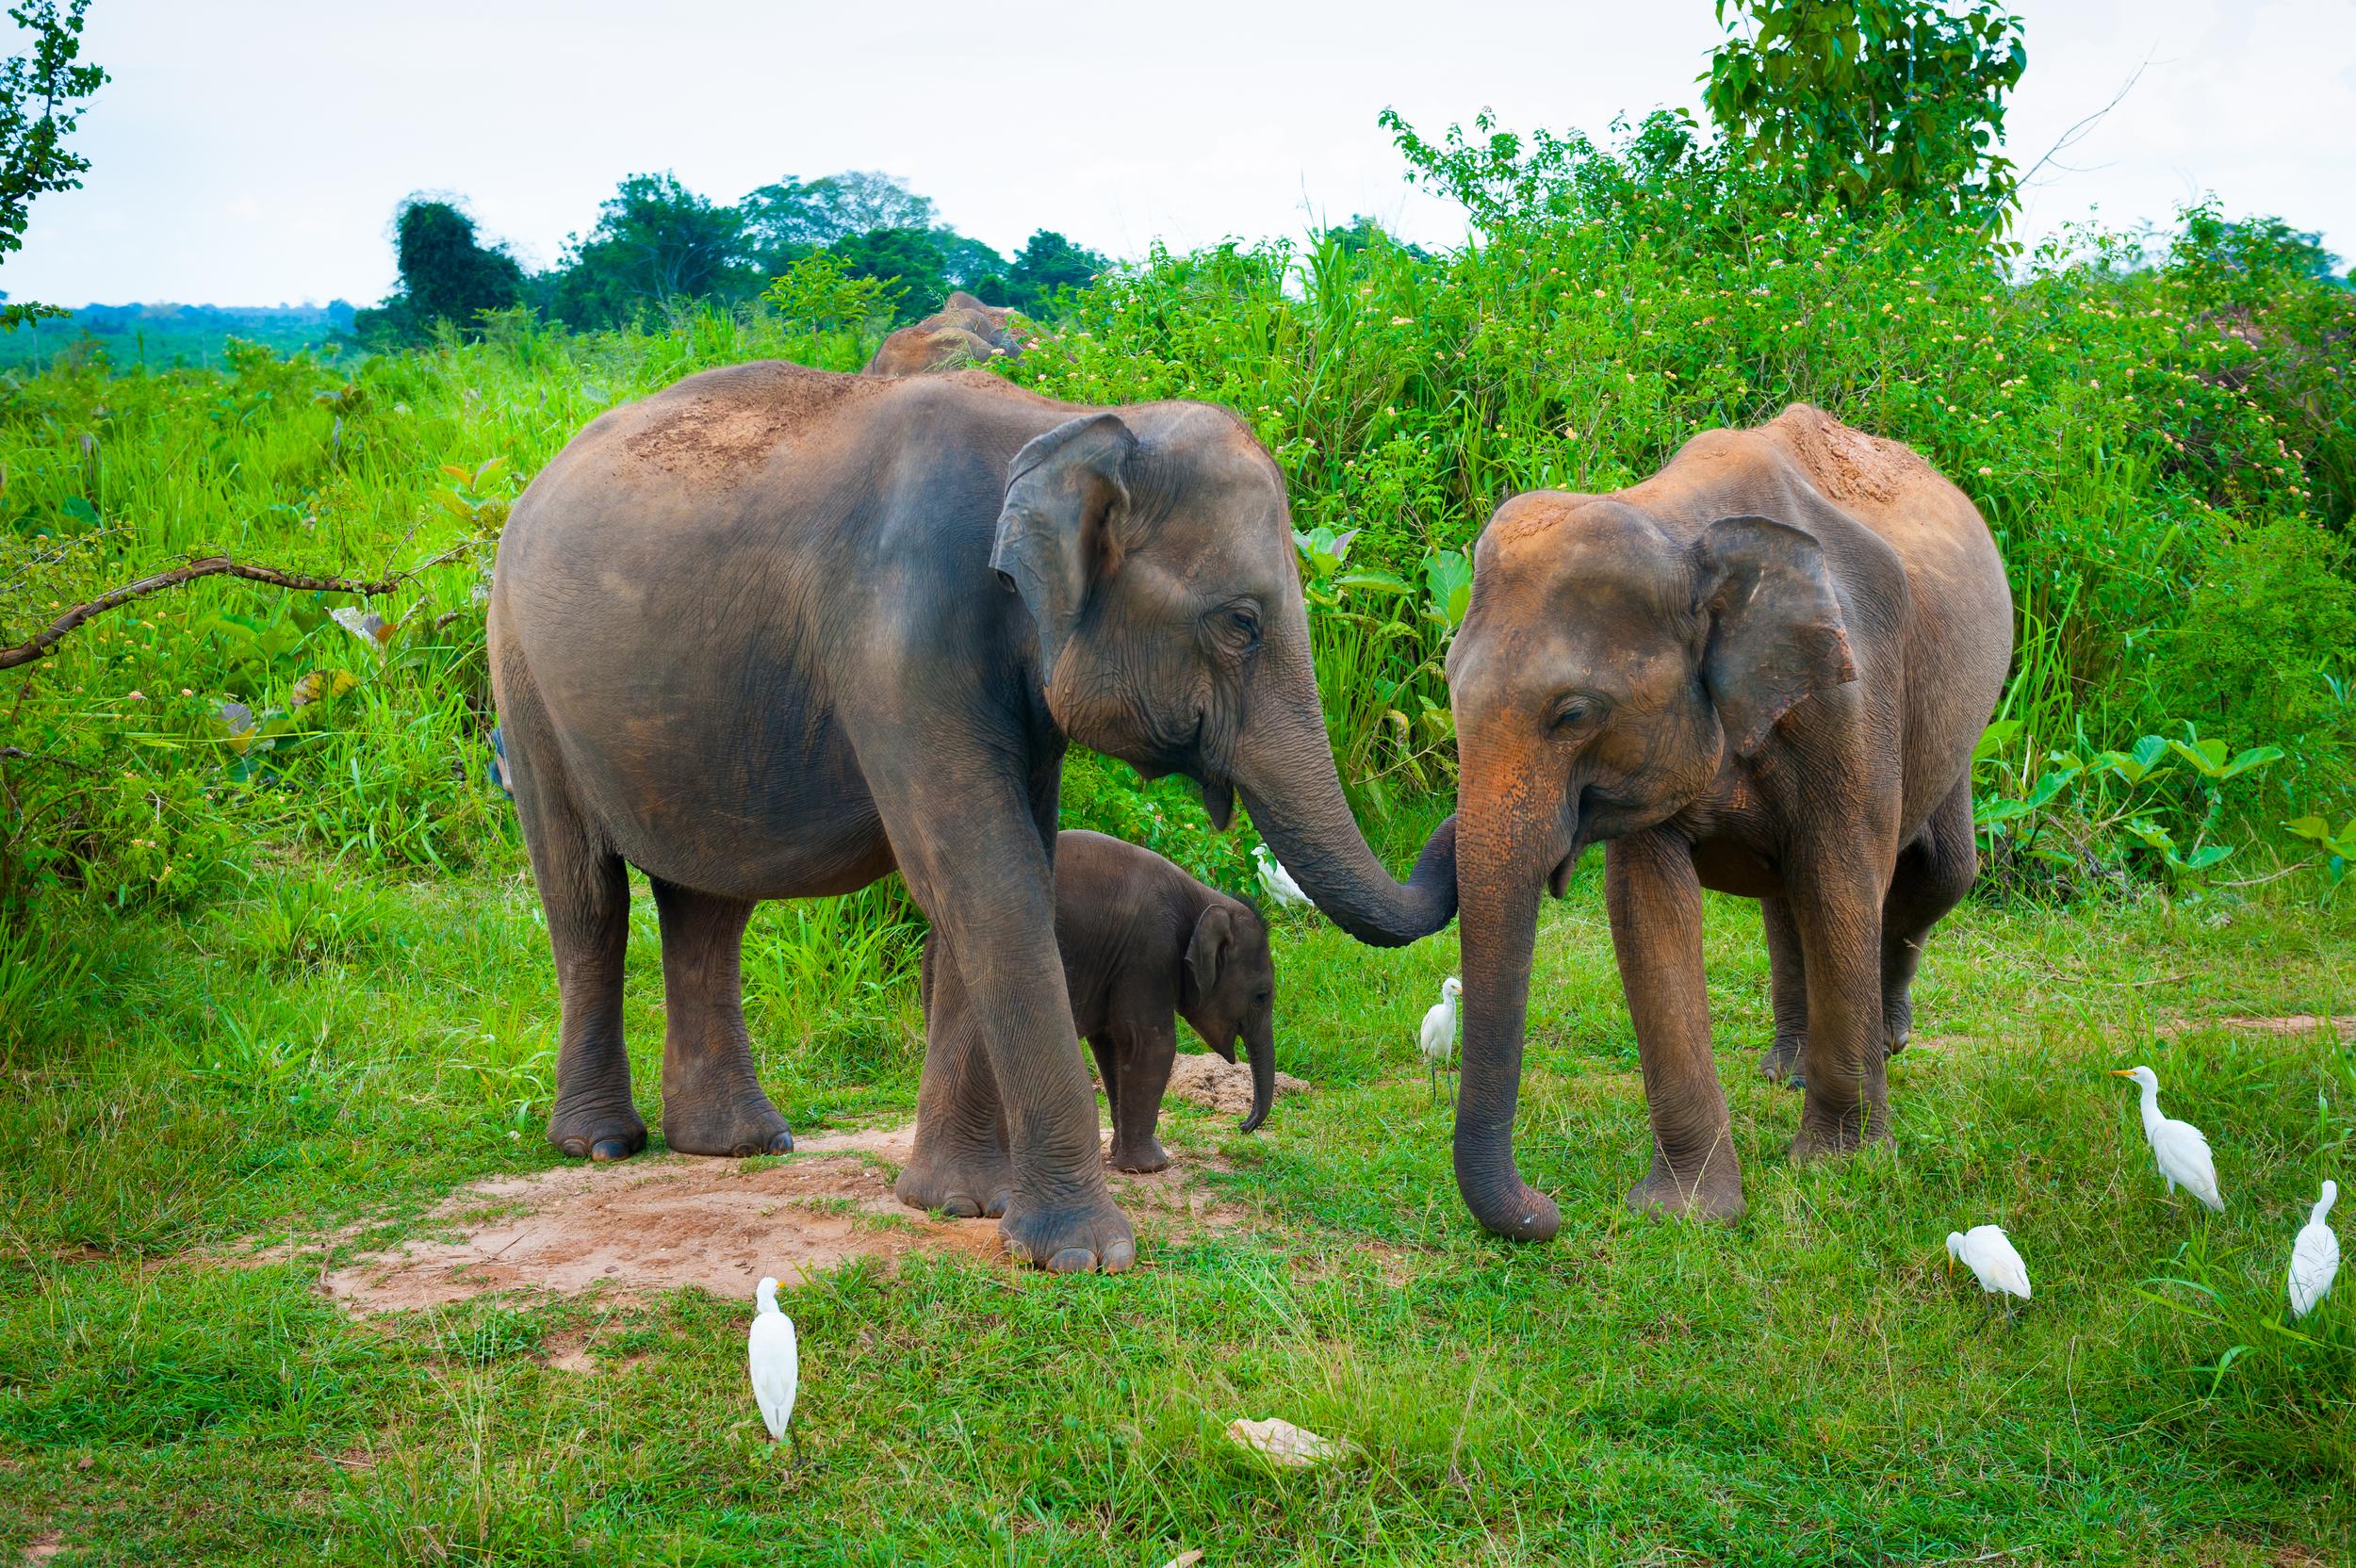 invite-to-paradise-sri-lanka-honeymoon-holiday-elephant-safari-wild-family.jpg